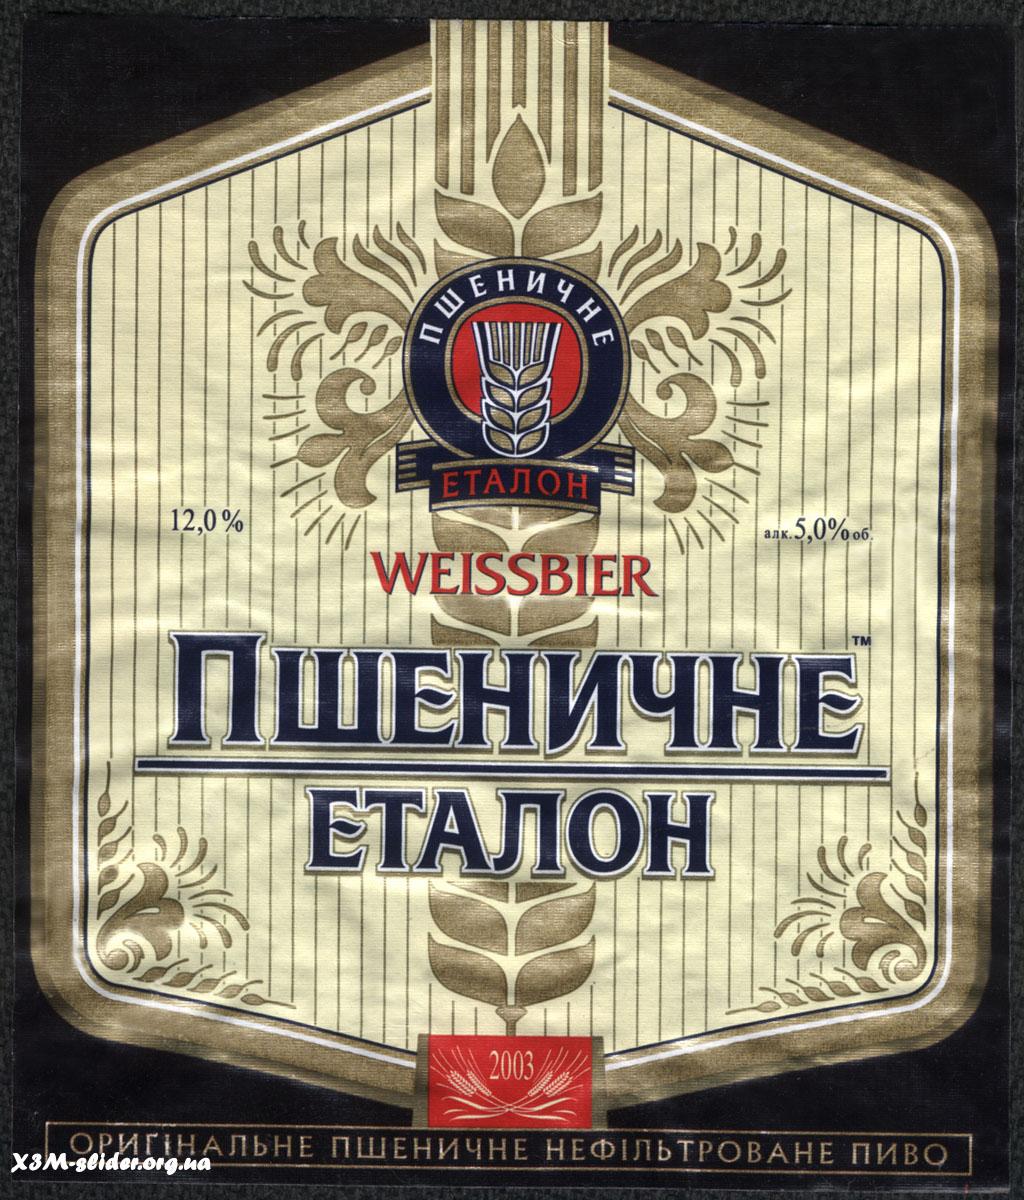 Пиво Пшеничне «Еталон» из Радомышля (Weissbeer Etalon)